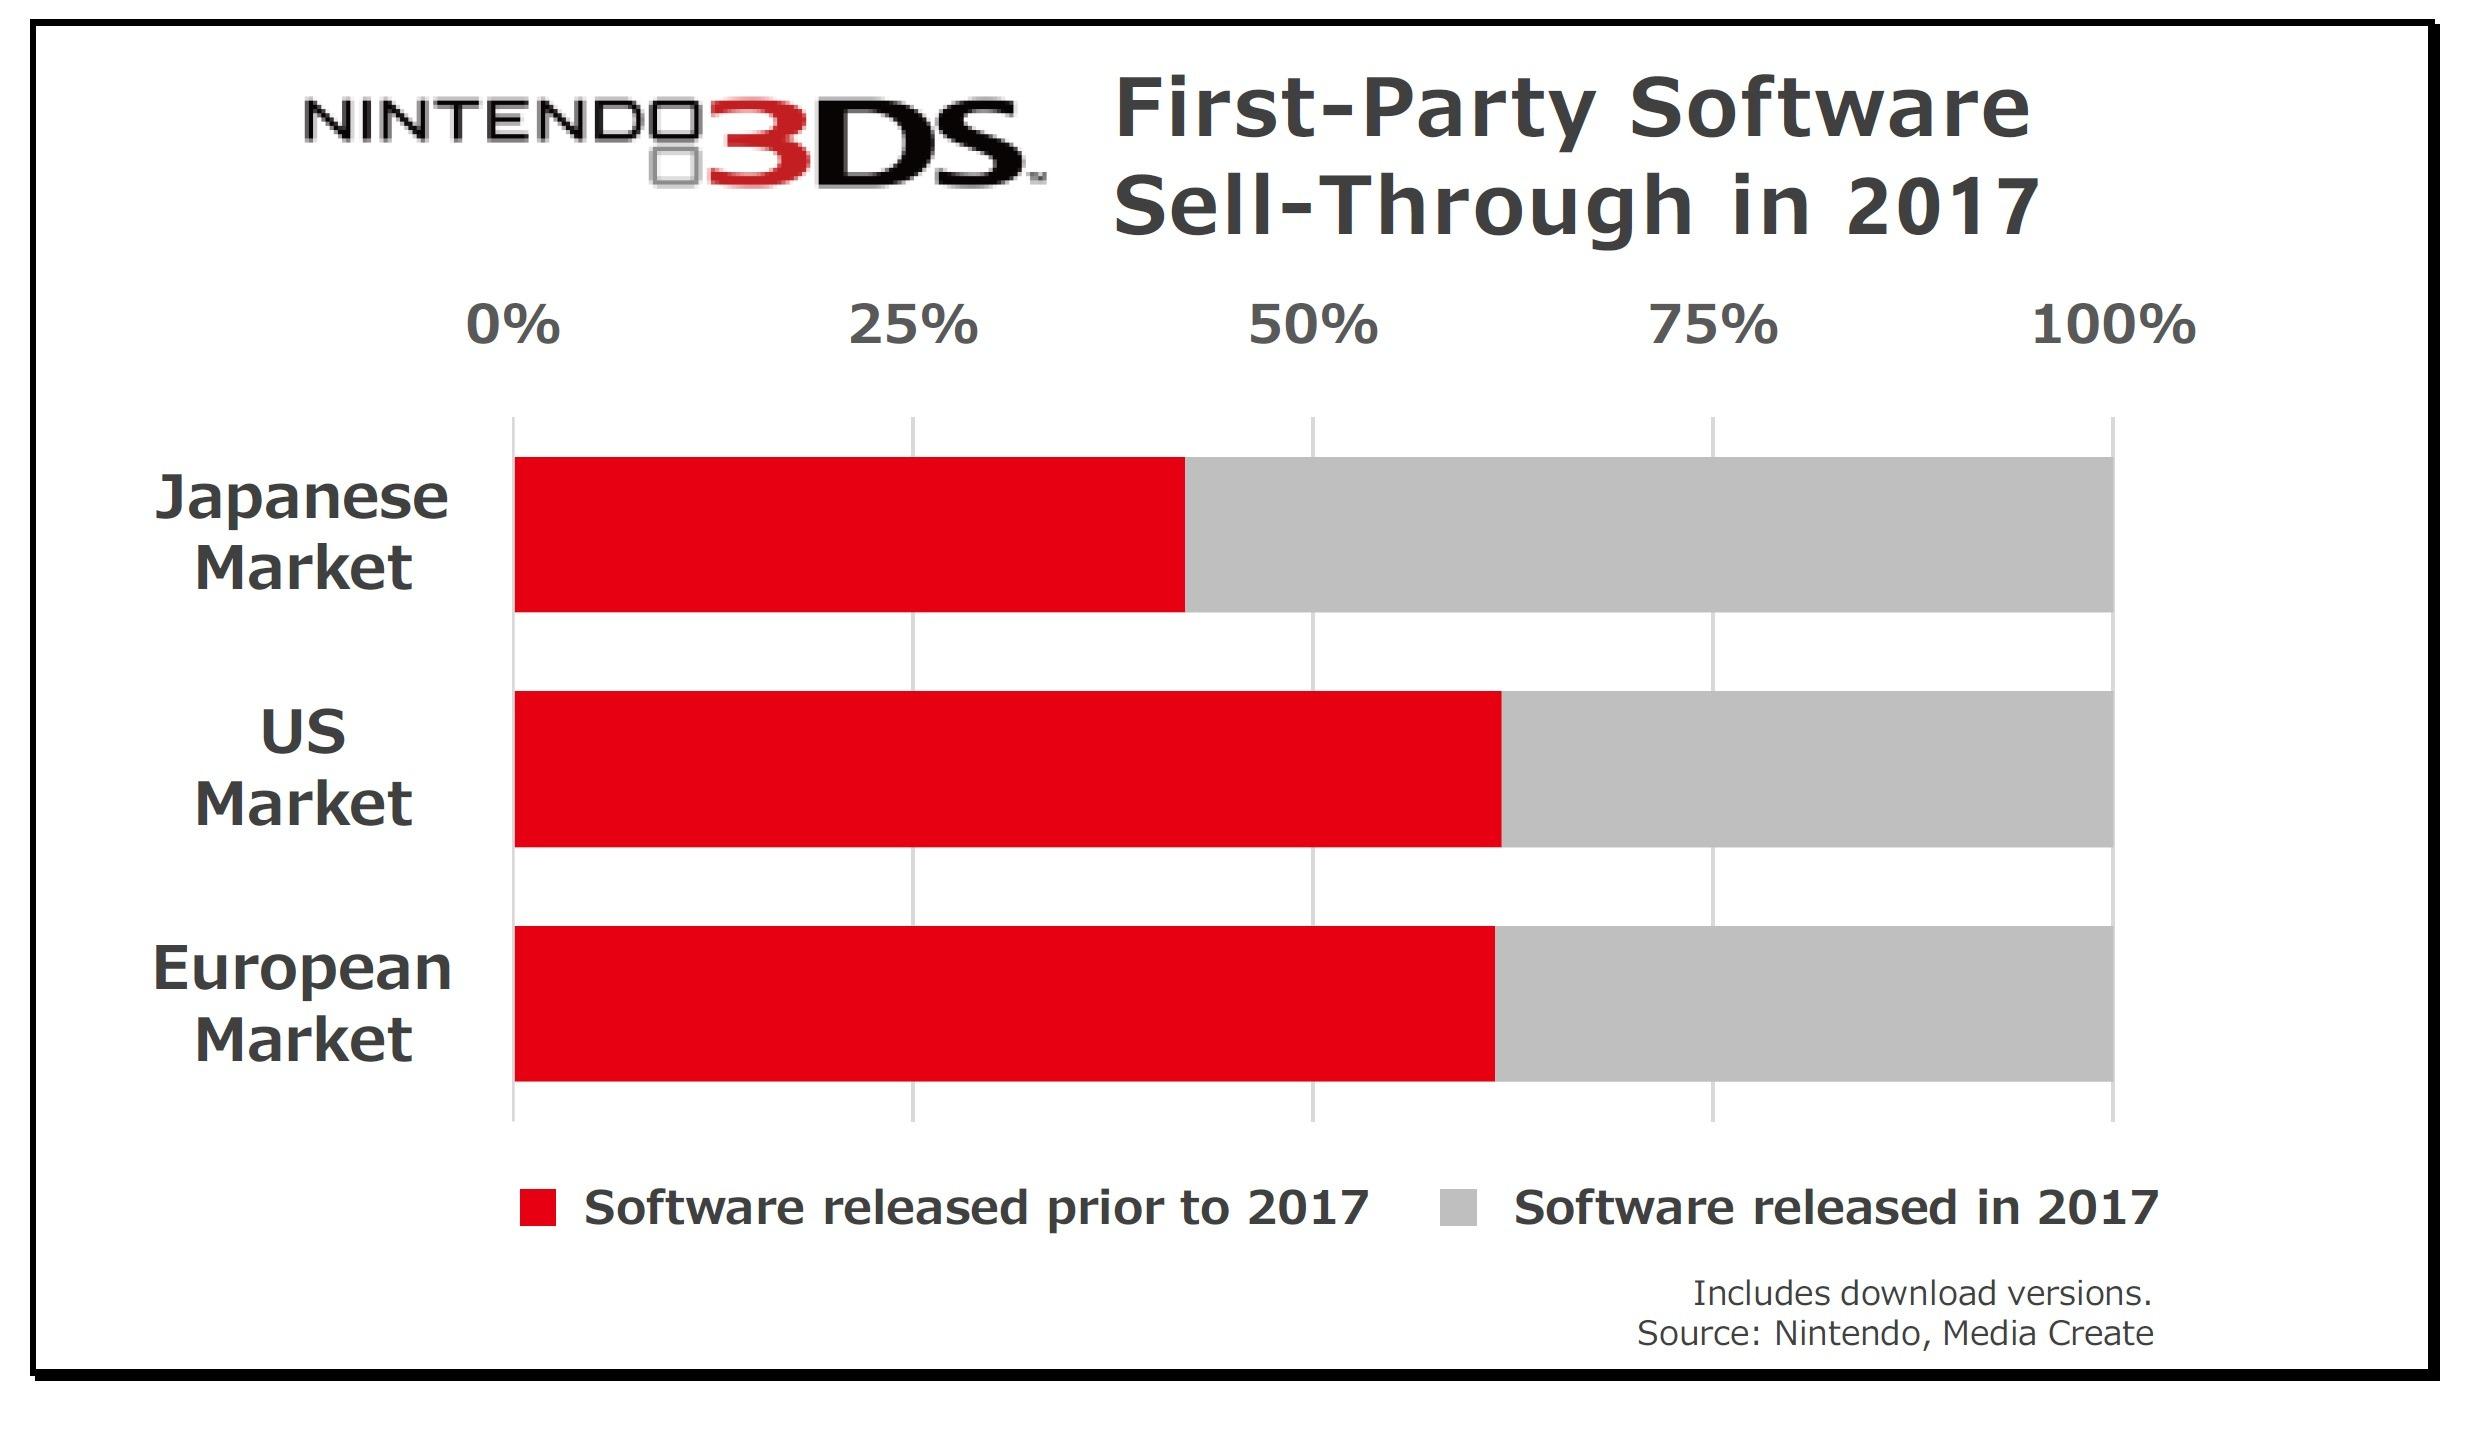 Tatsumi Kimishima: Continueremo a supportare il 3DS in parallelo con Nintendo Switch